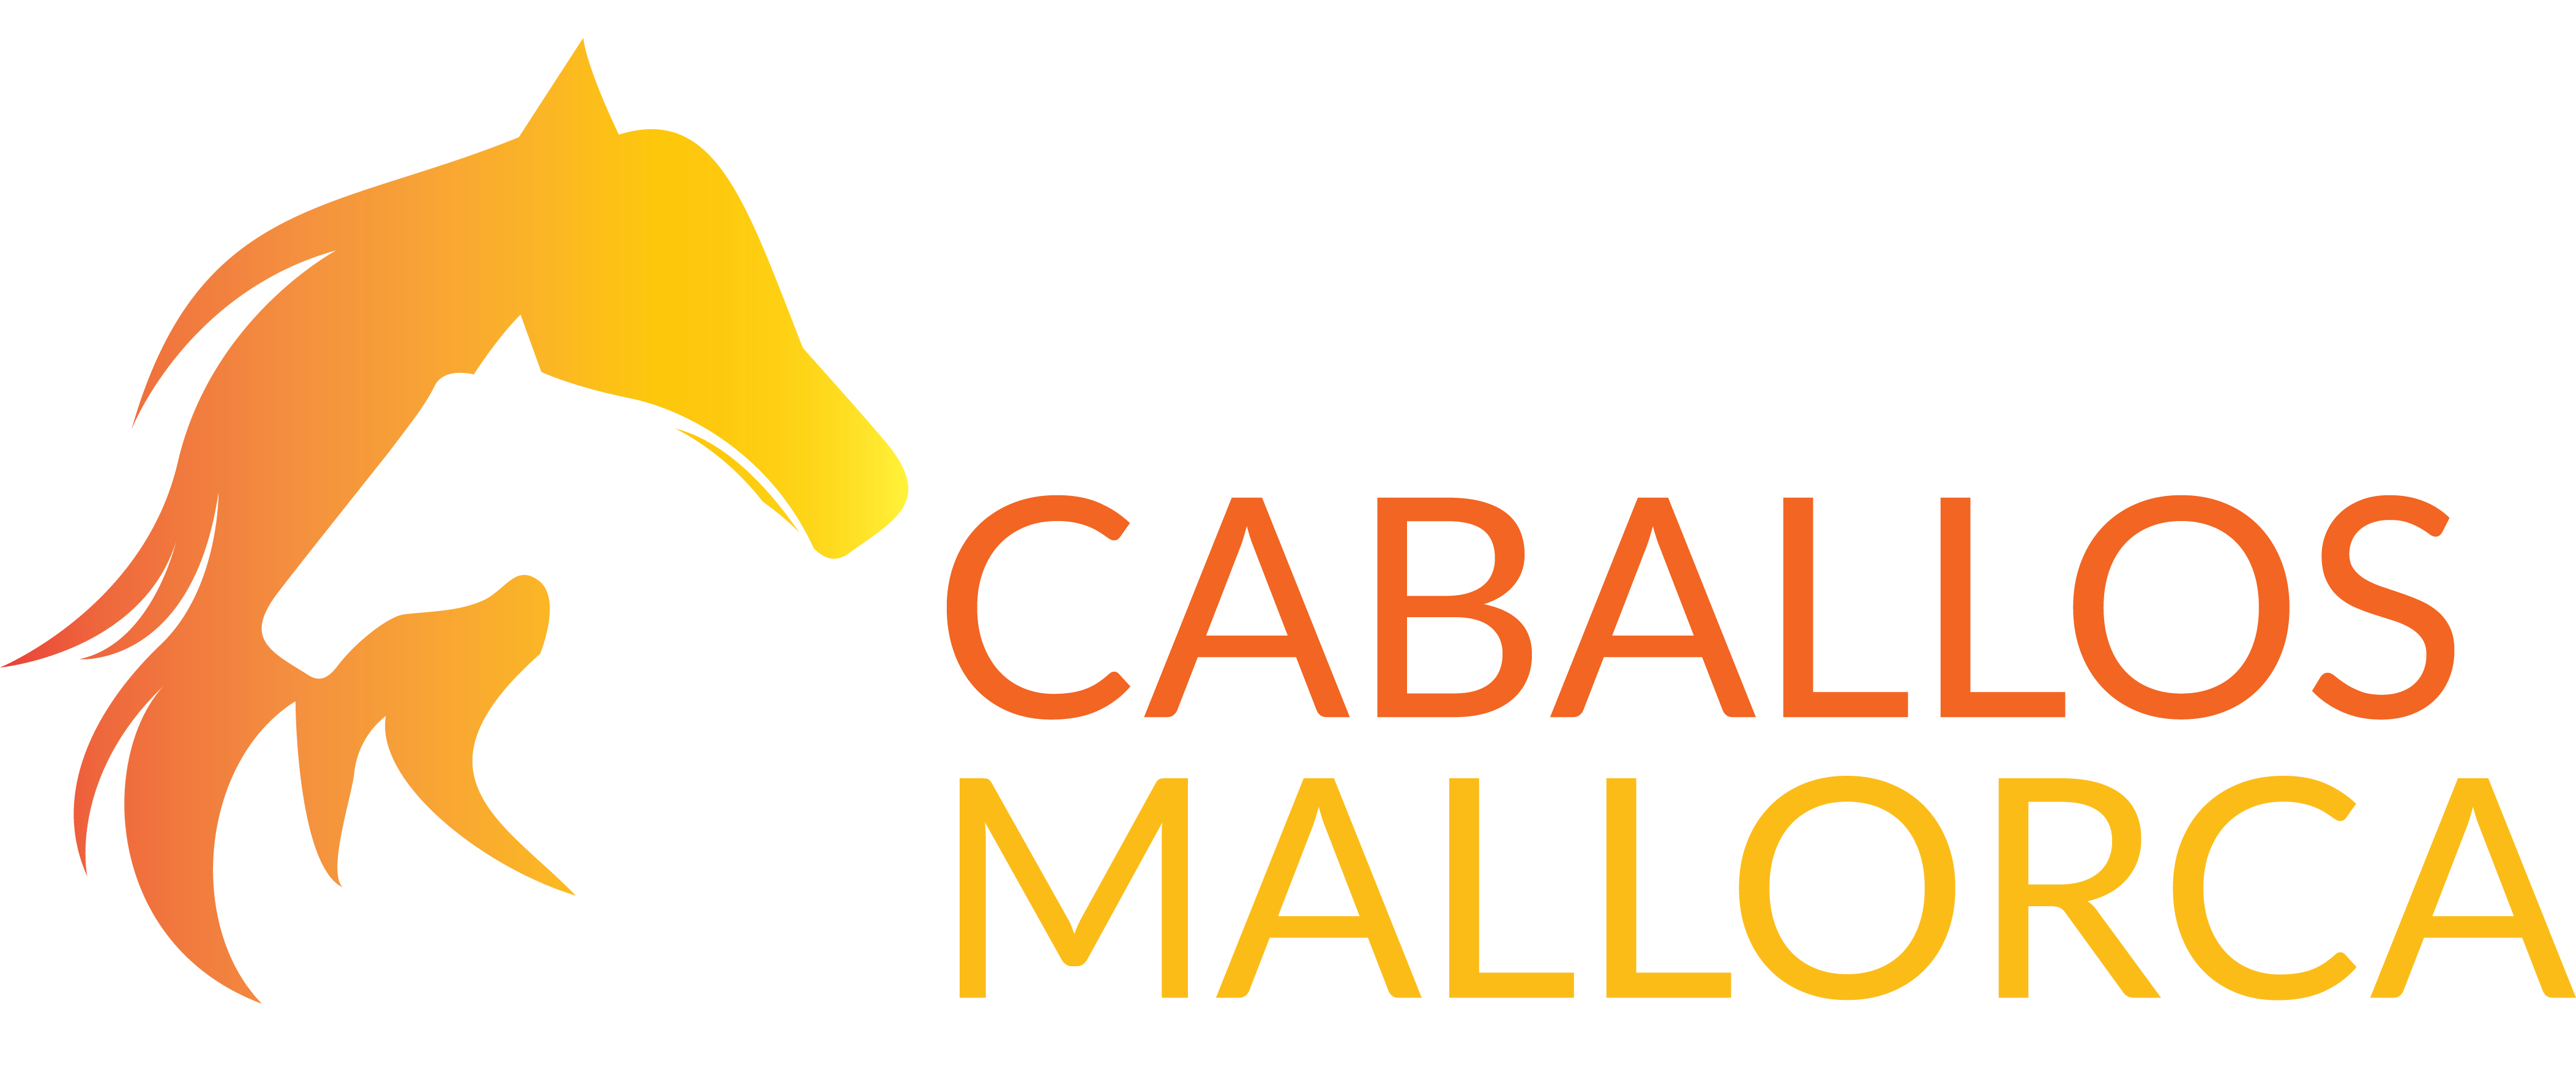 Caballos Mallorca